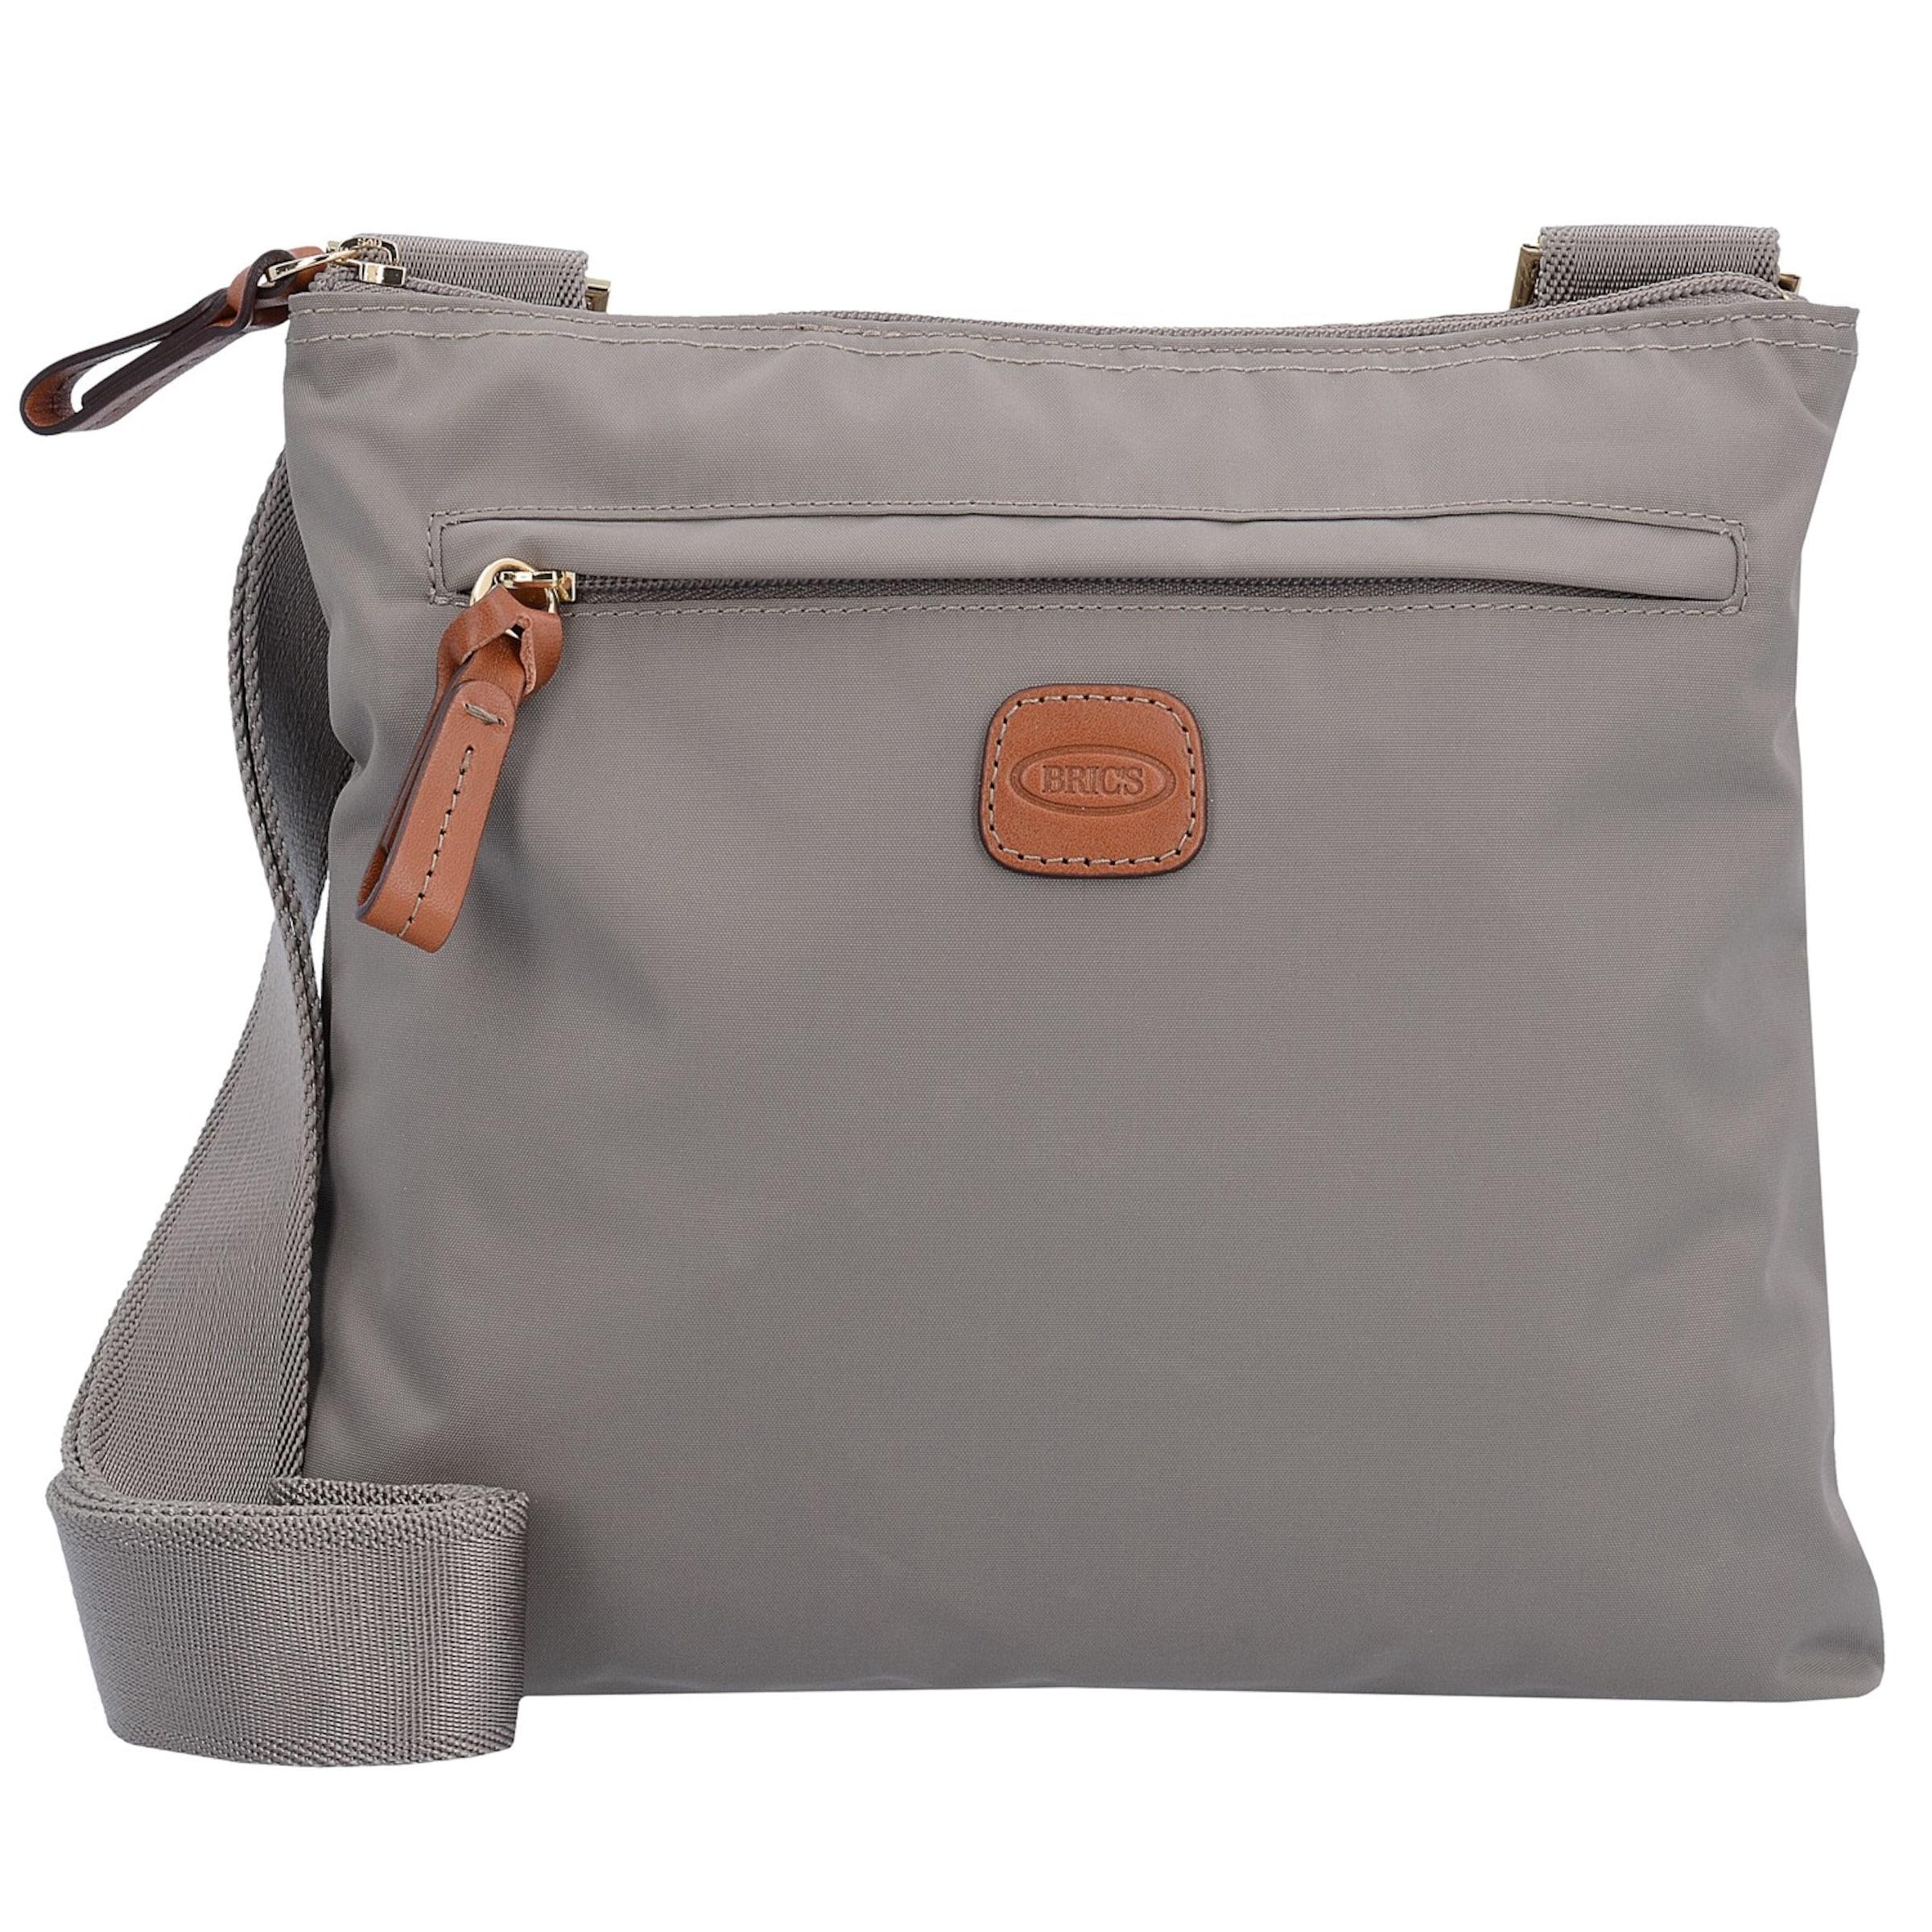 2018 Neue Preiswerte Online Bric's X-Bag Umhängetasche 26 cm Billig Freies Verschiffen Rabatt Billigsten g6B9W